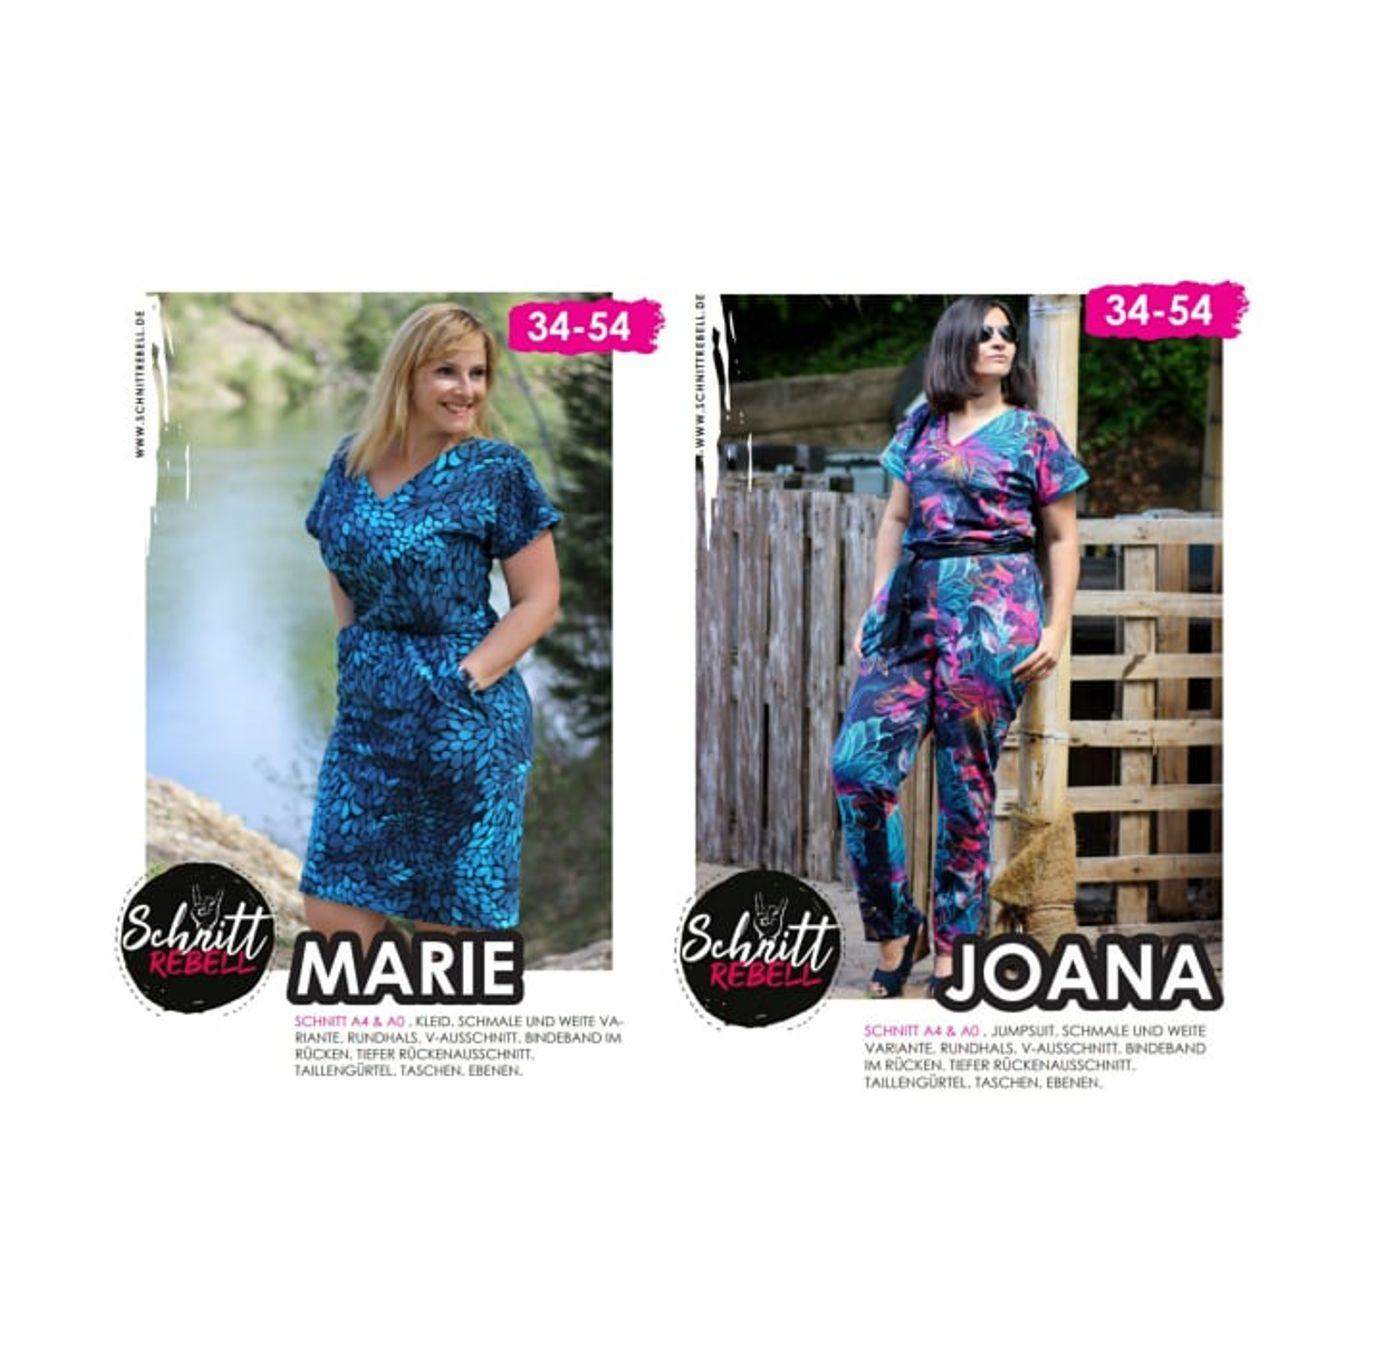 Produktfoto 1 von Schnittrebell für Schnittmuster Kombi Ebook Jumpsuit Marie & Kleid Joana Gr.34-54